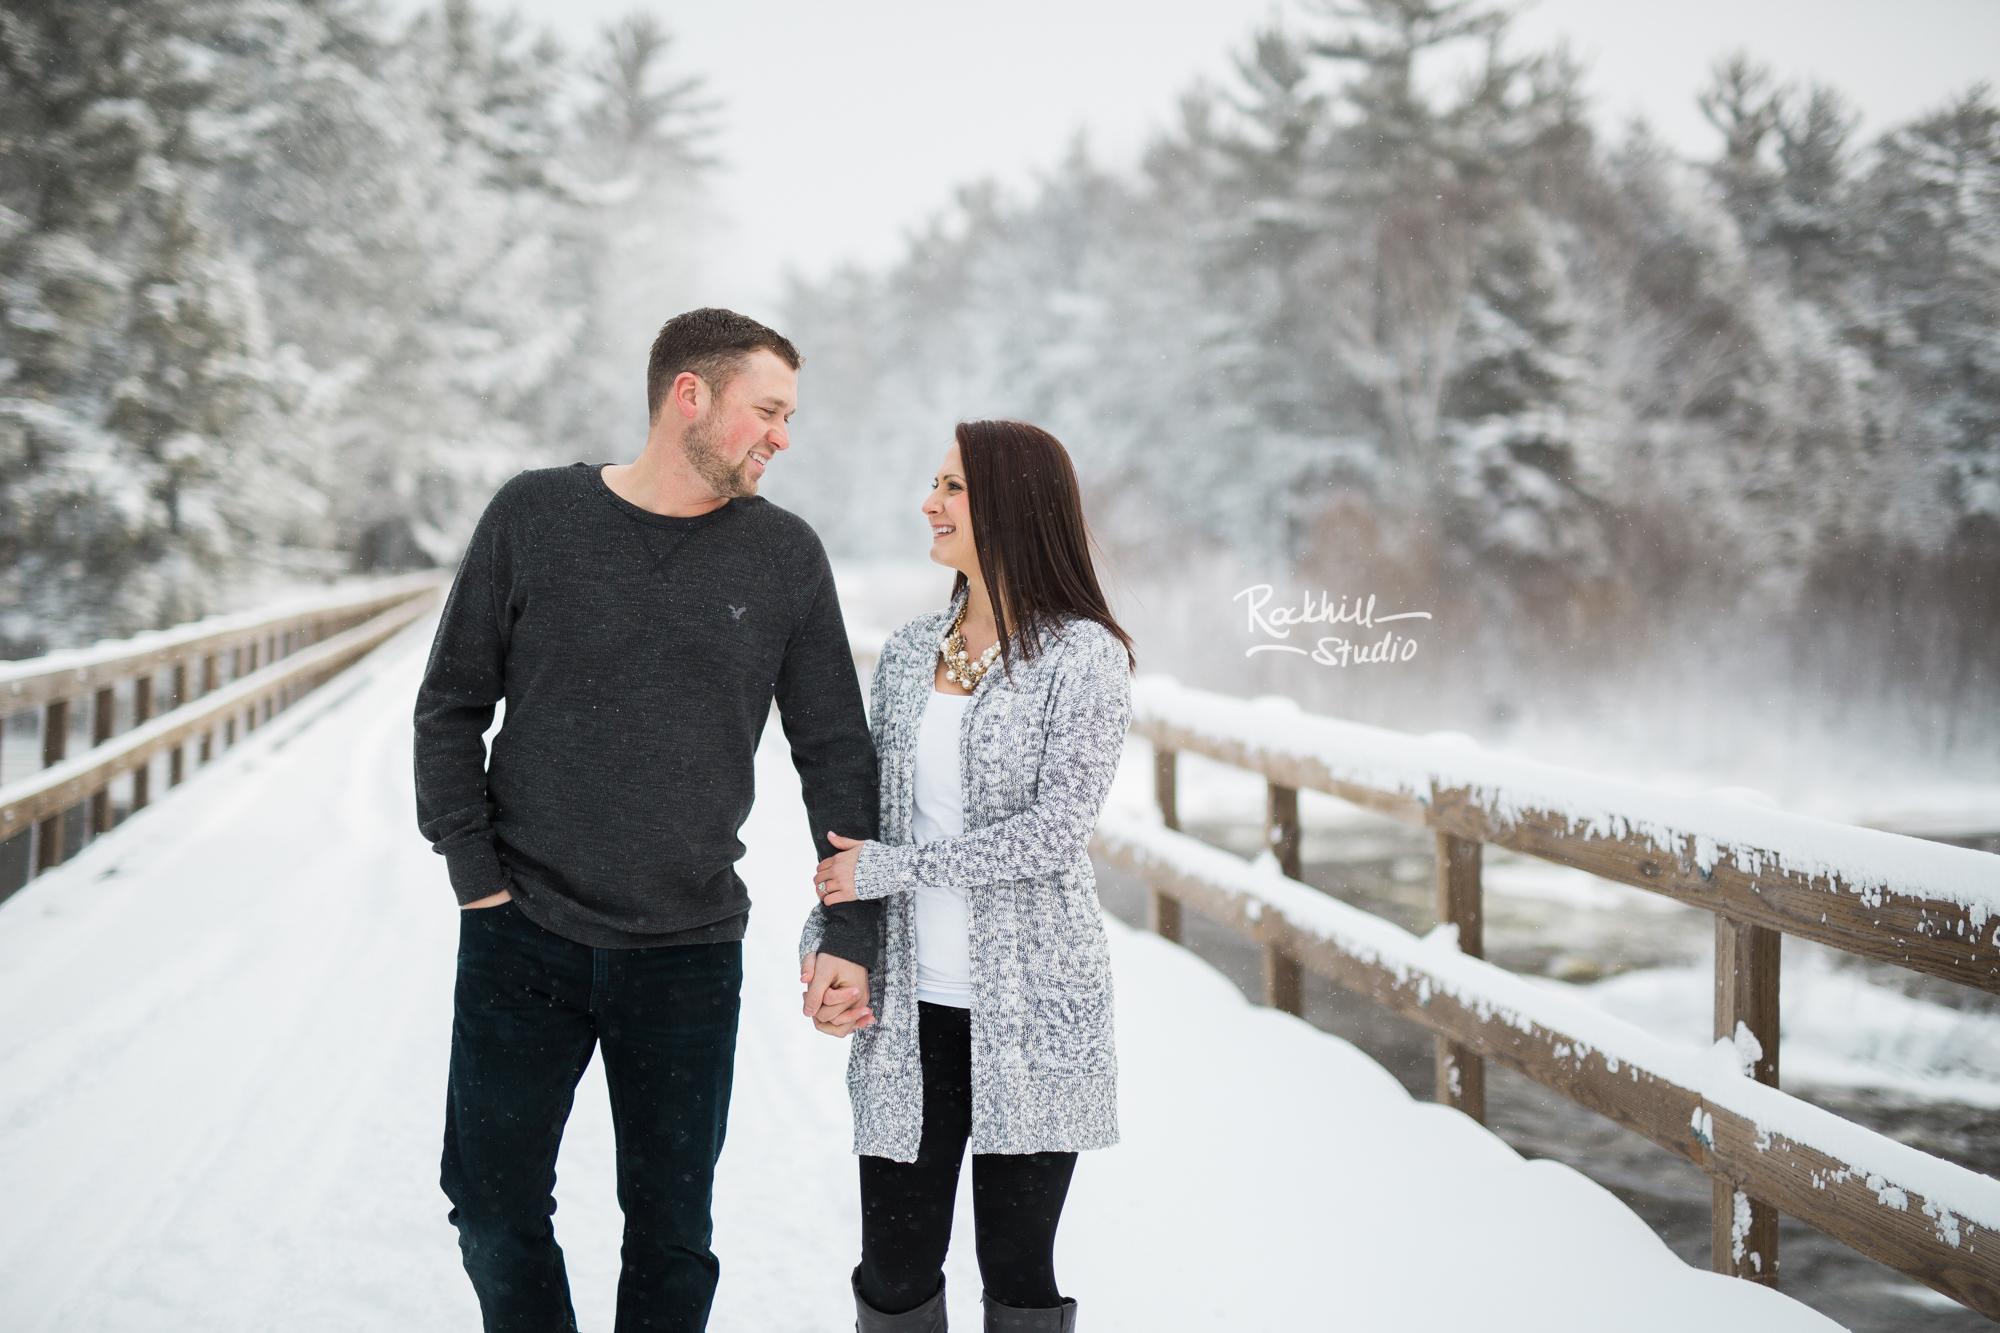 northern-michigan-engagement-photogrpher-wedding-manistique-winter-bridge-11.jpg